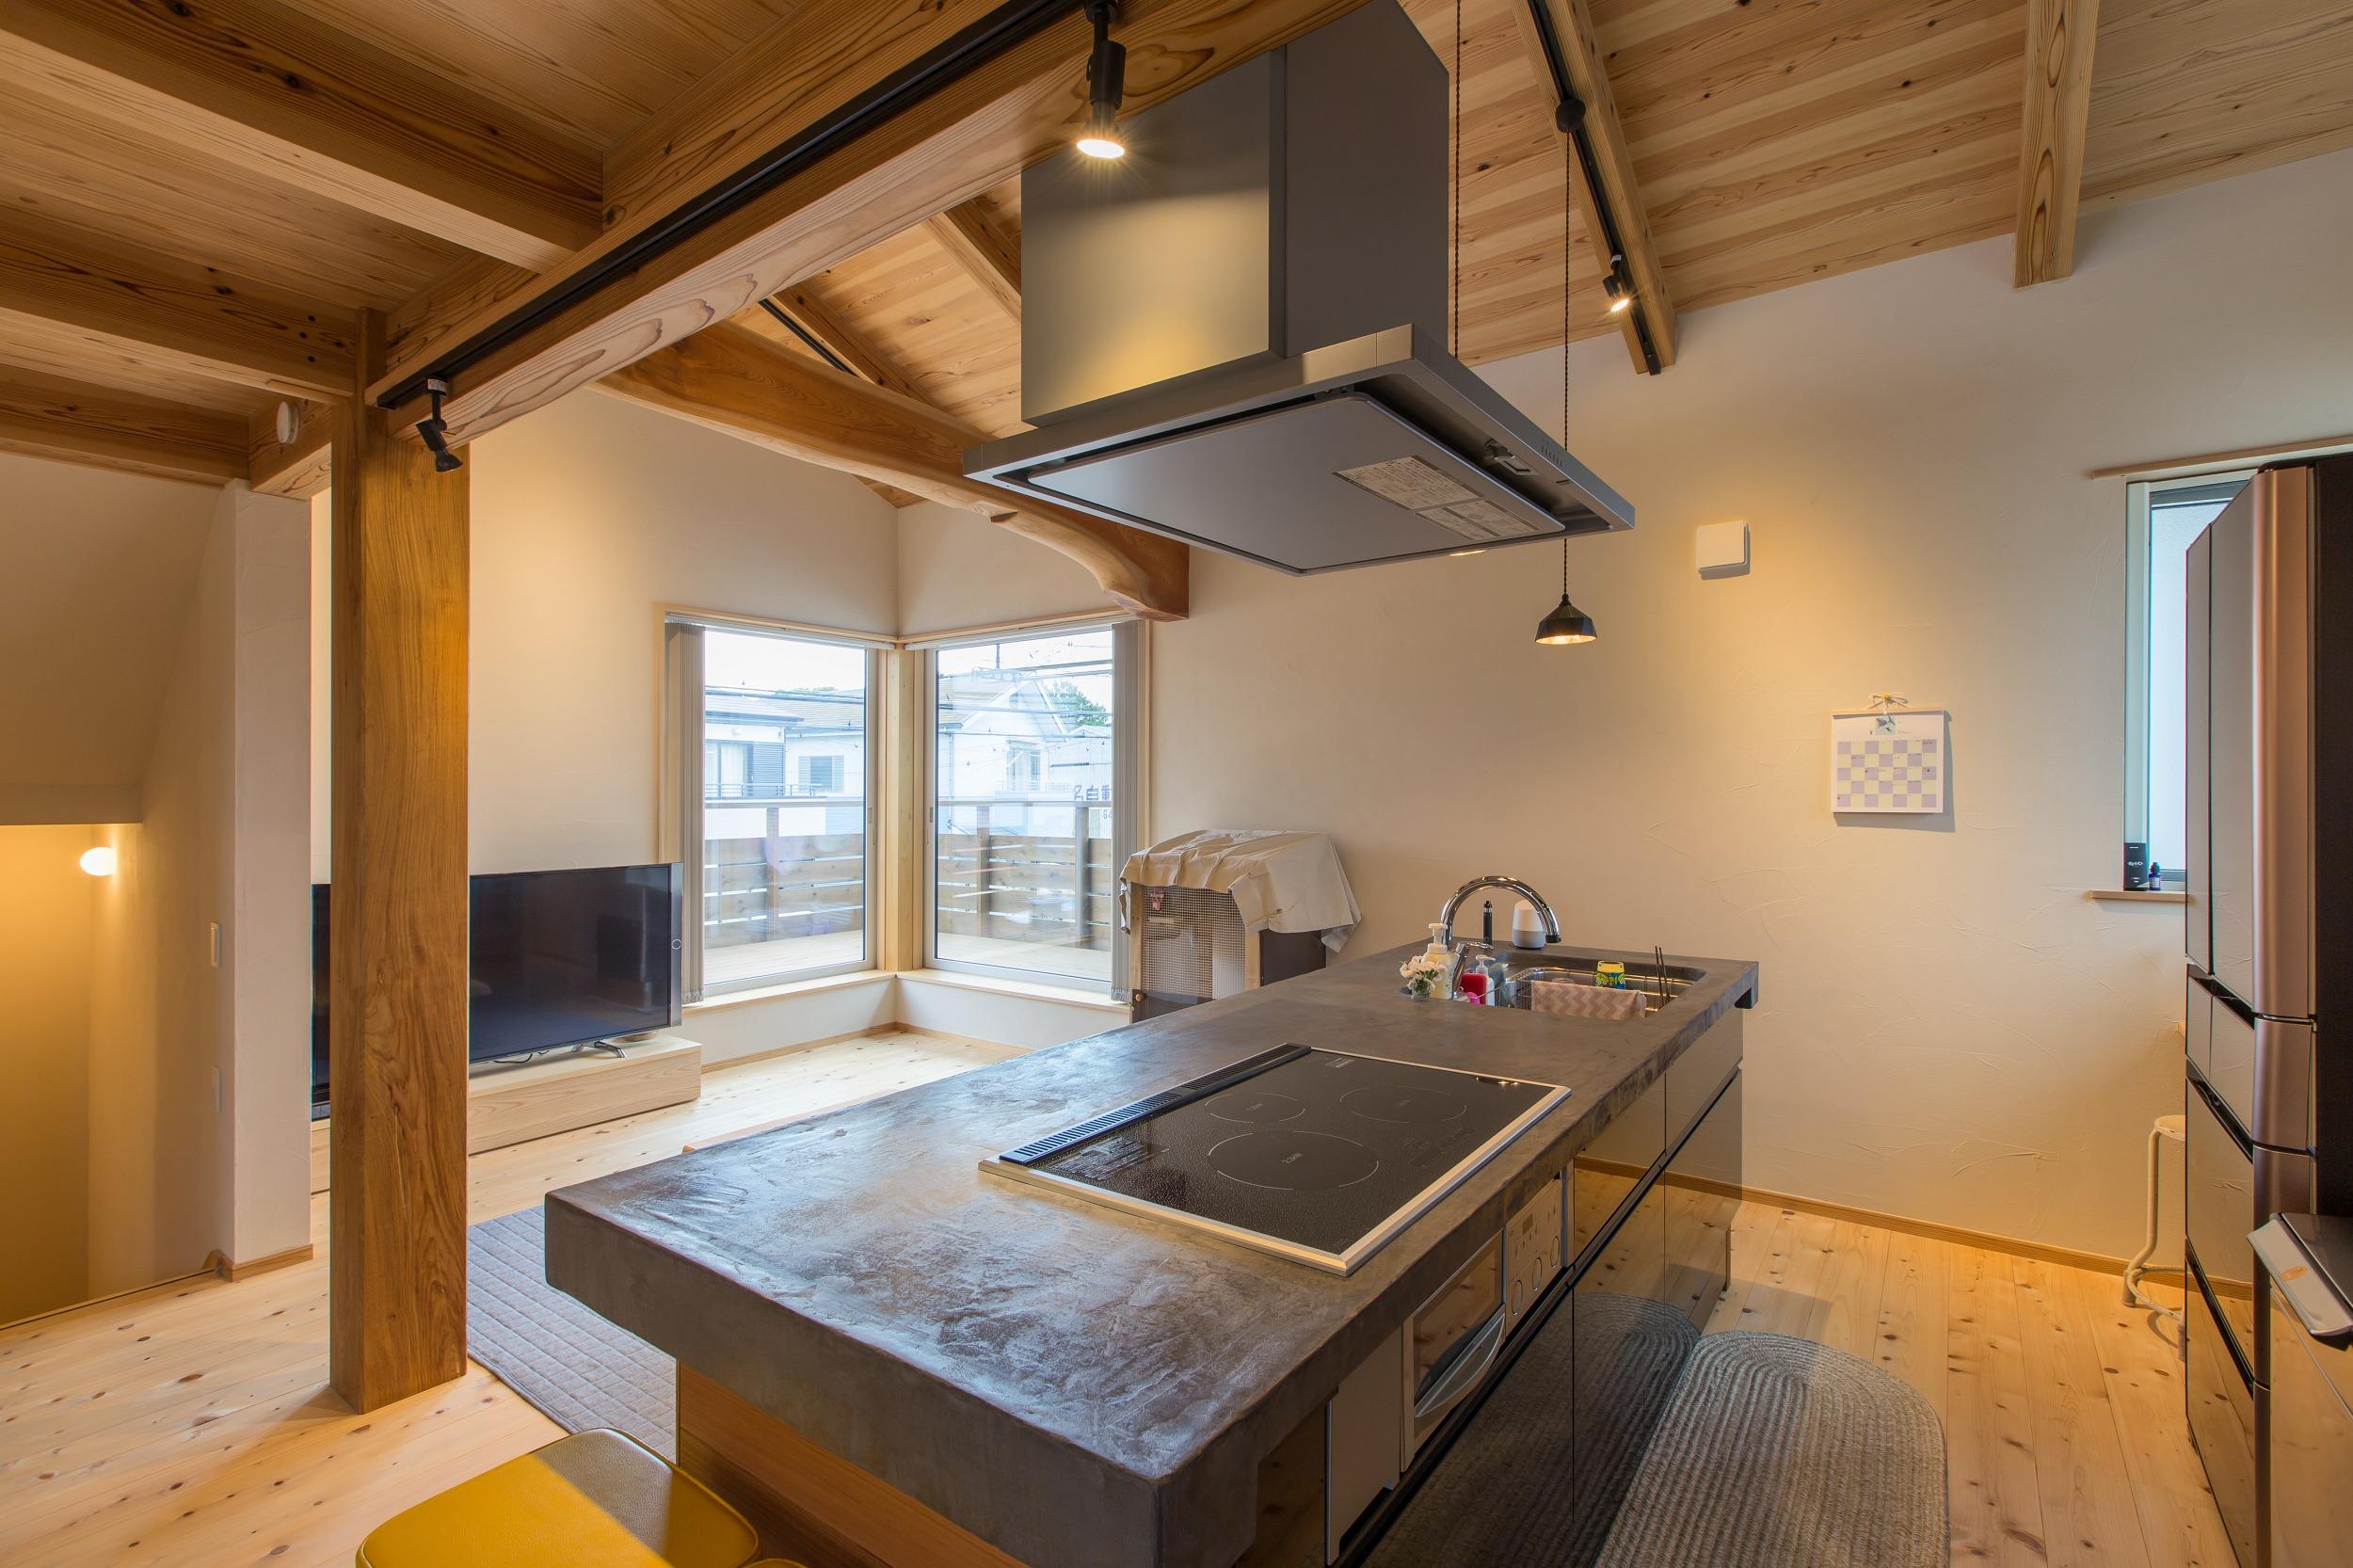 LDKの中心となるアイランドキッチンは、天板をモールテックス仕上げに。